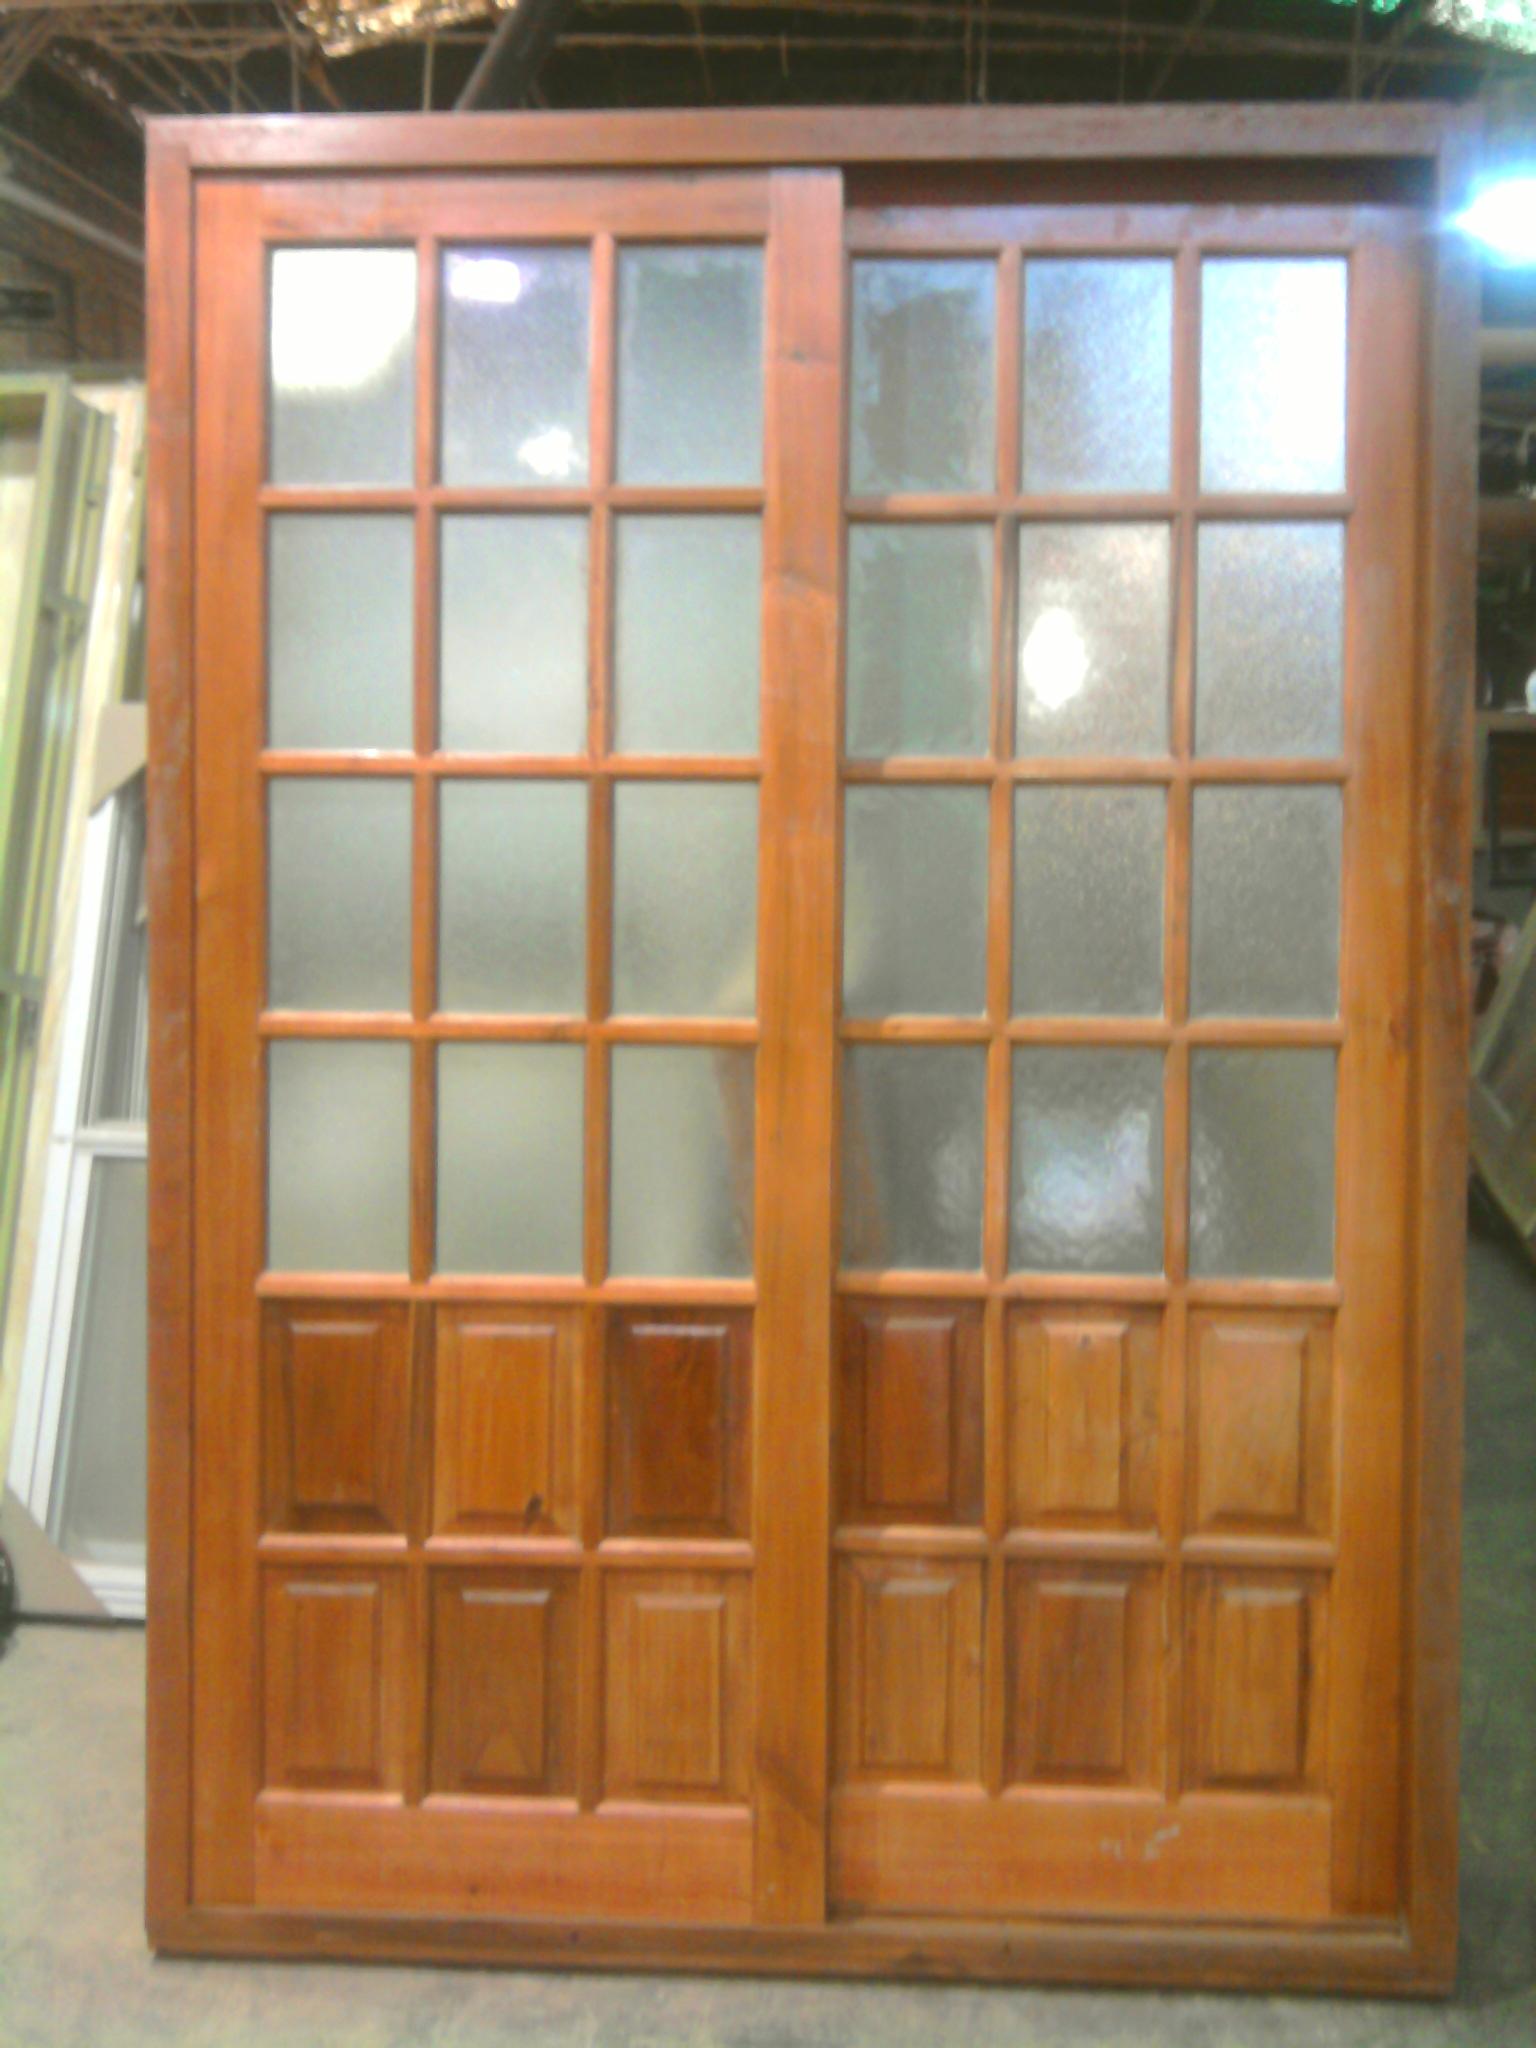 Puertas de madera con vidrio good puertas vidrio madera - Puertas de madera con cristal ...